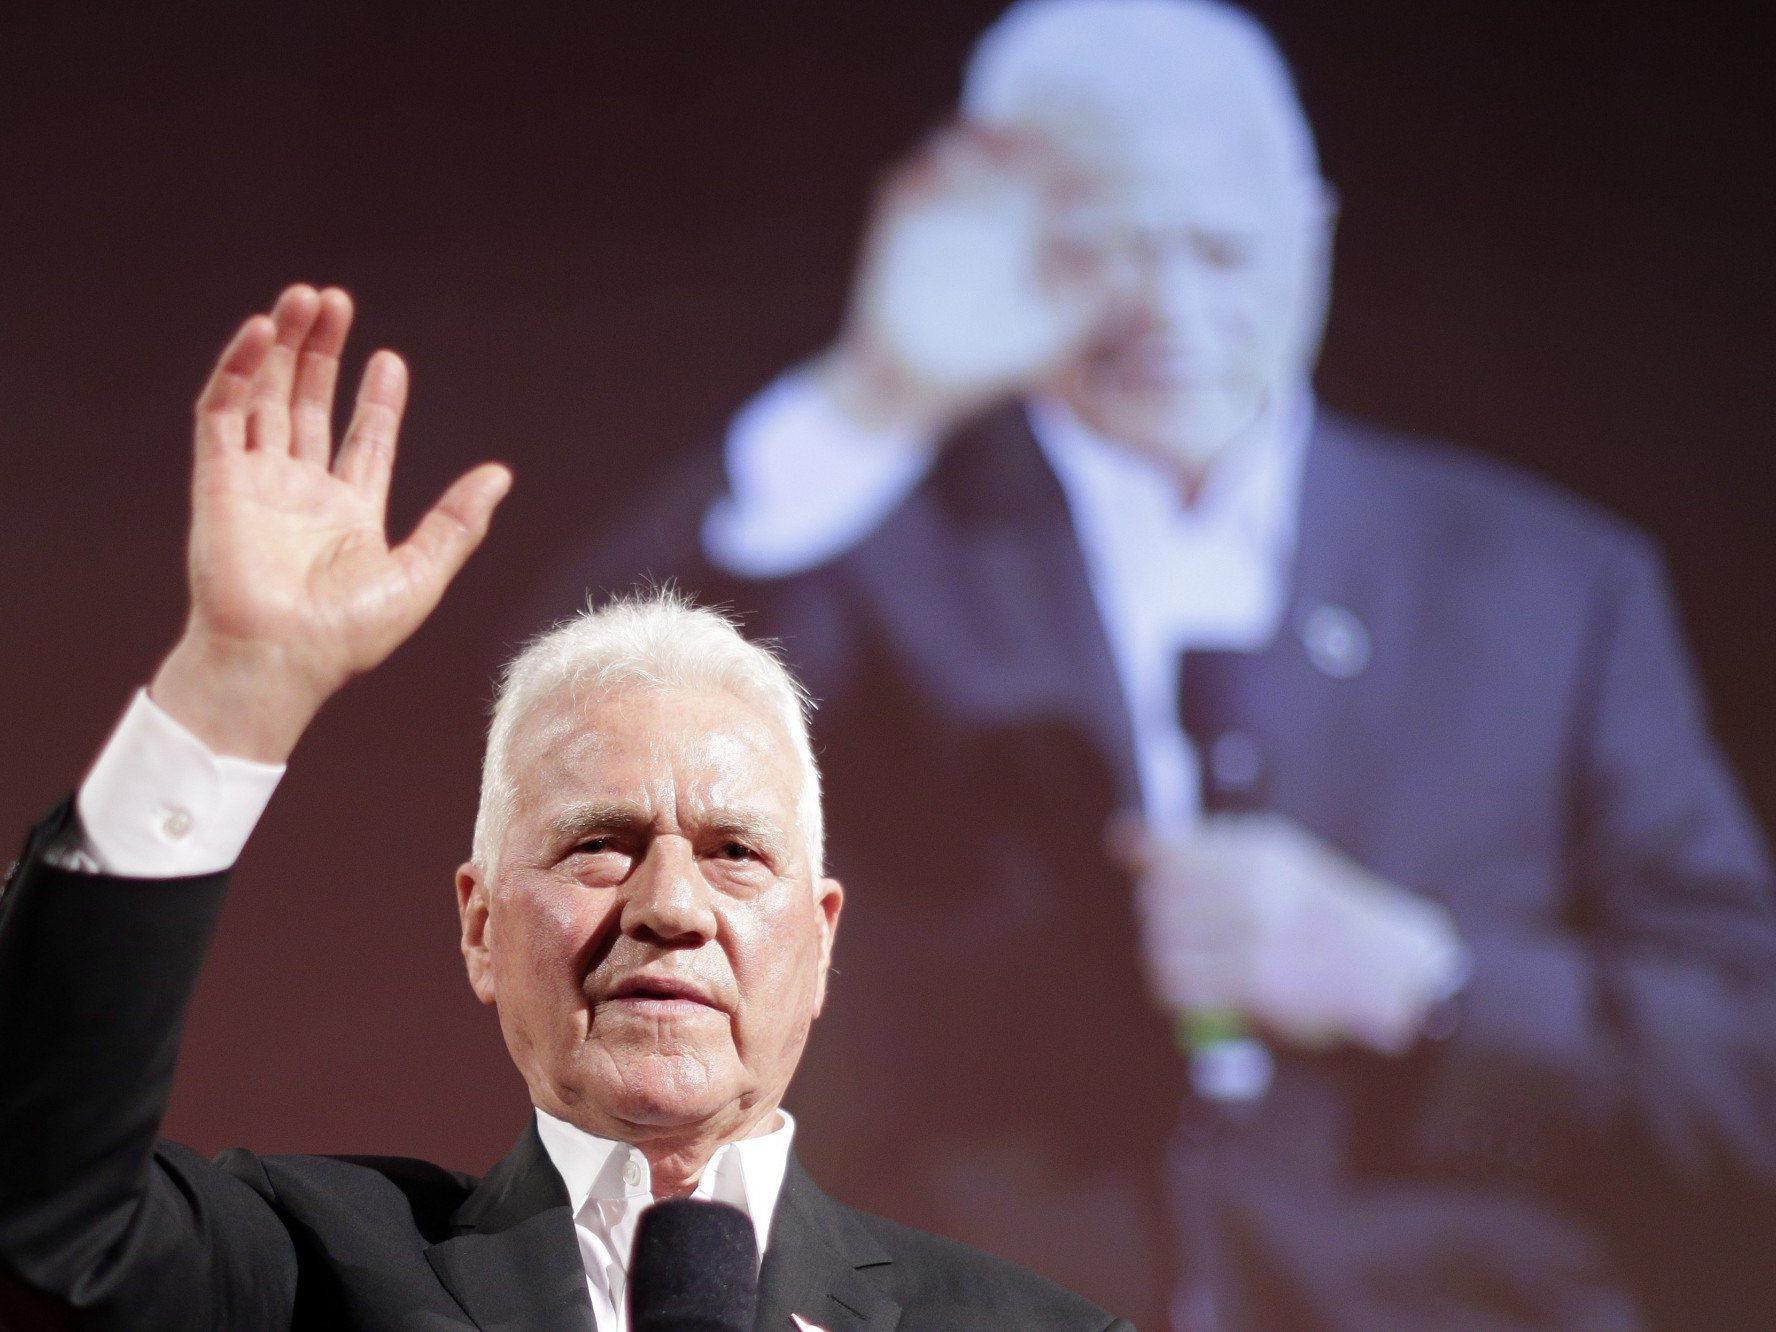 Frank Stronach - was für eine Rolle spielt der Austrokanadier nach der Wahl?